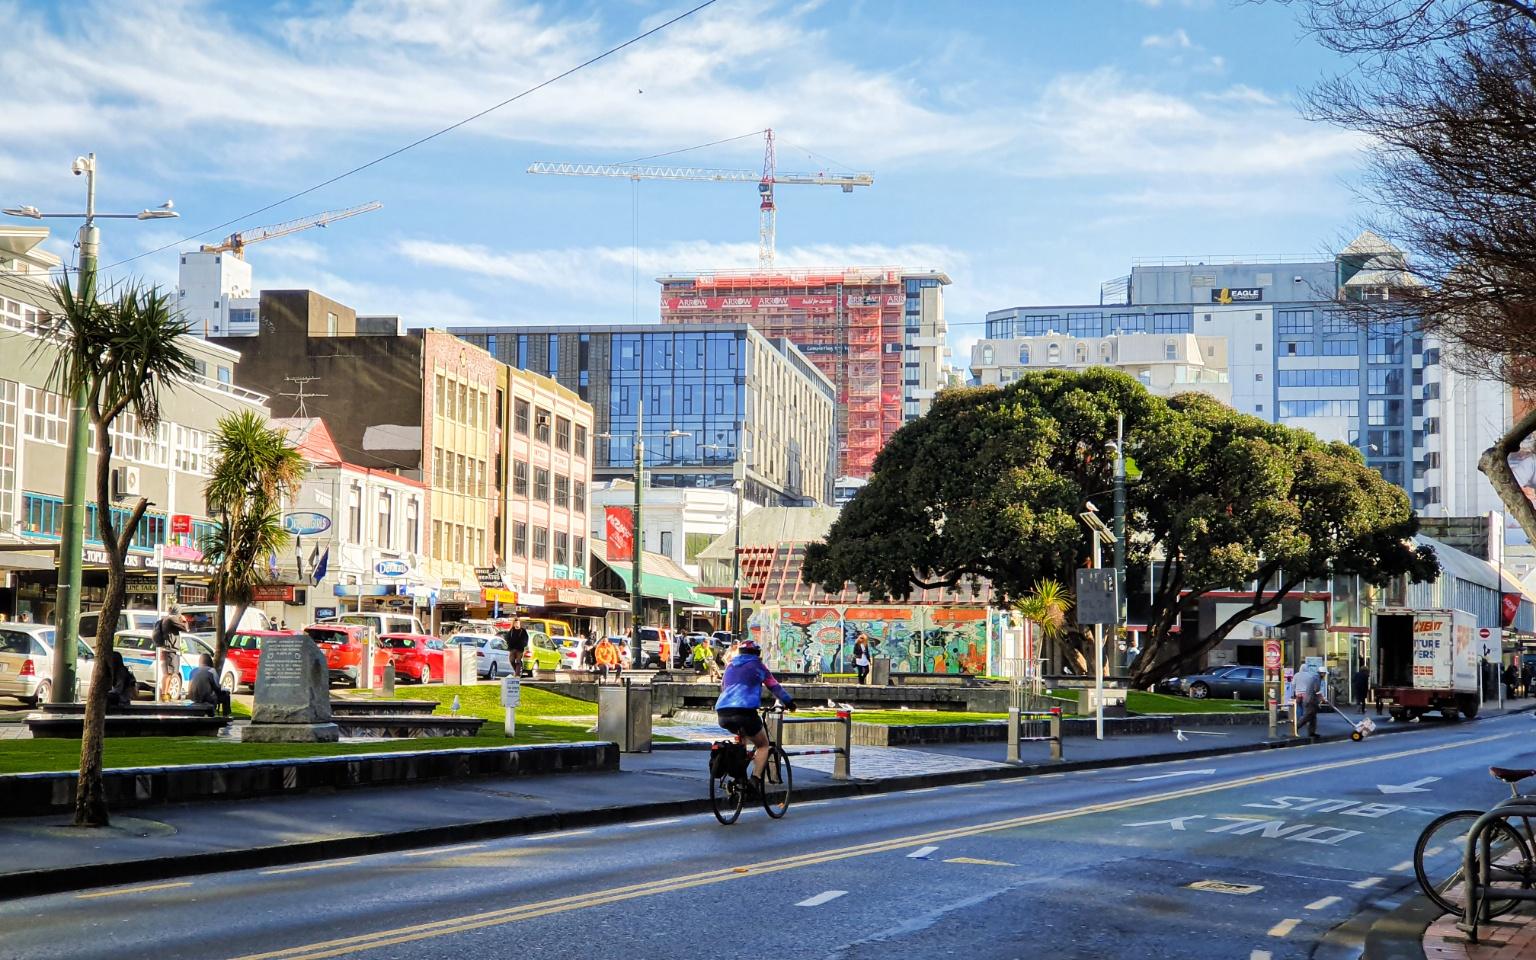 【紐西蘭威靈頓】威靈頓文化觀光半日遊